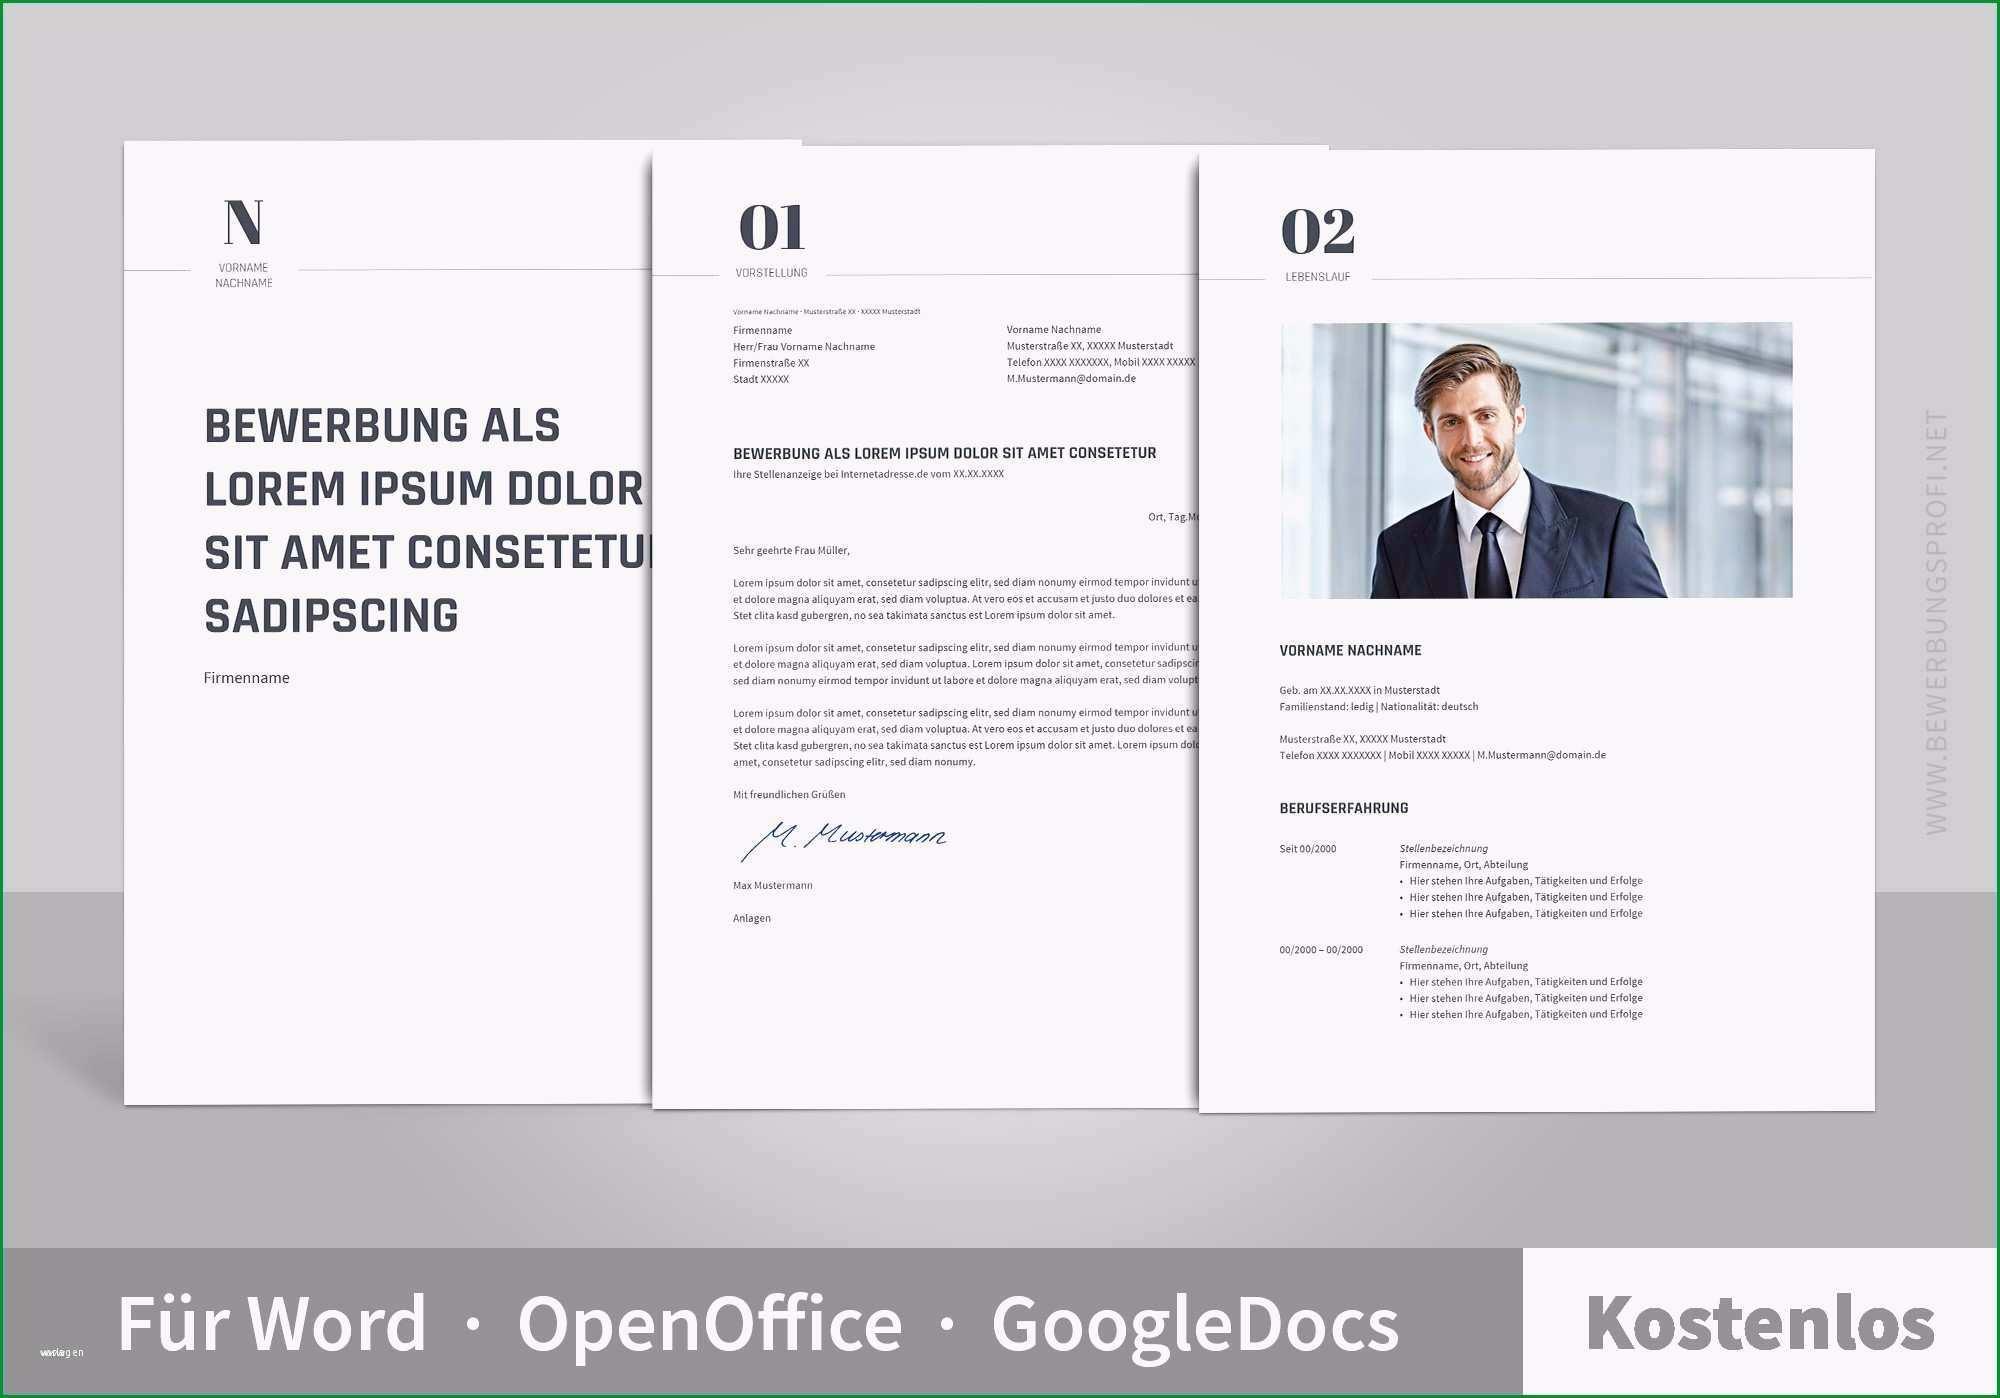 20 bewerbung deckblatt vorlage pdf